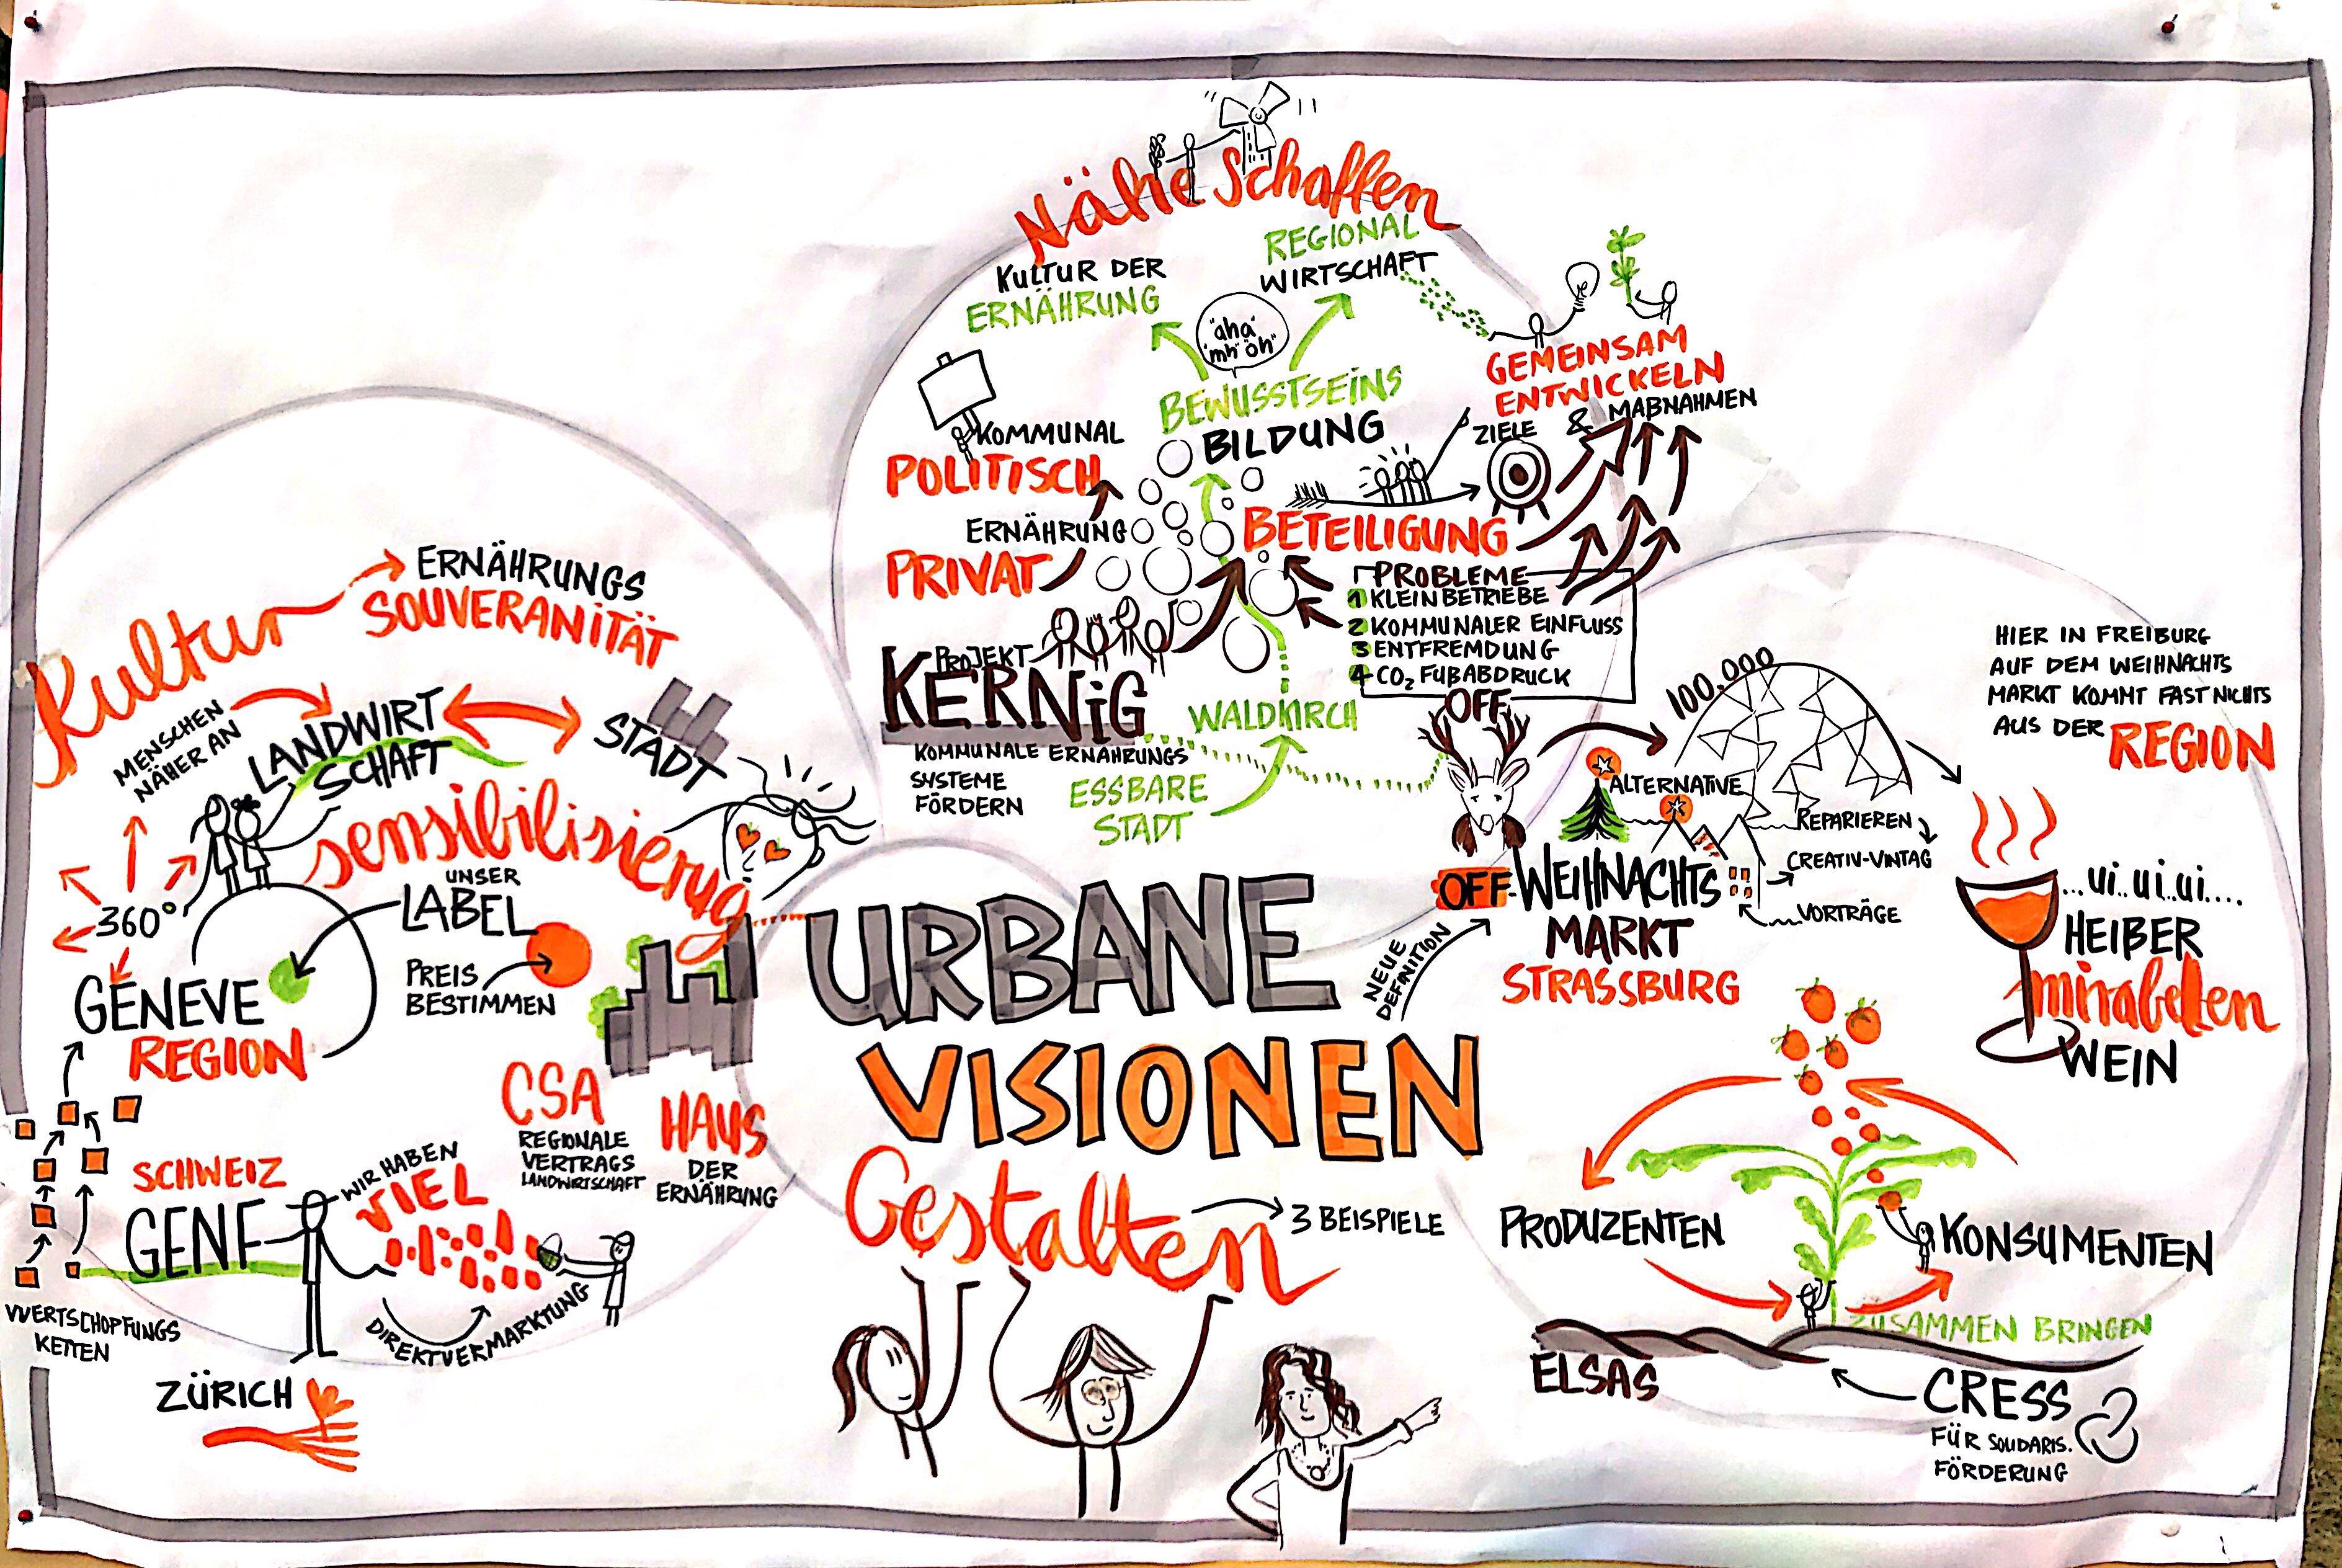 Urbane Visionen gestallten